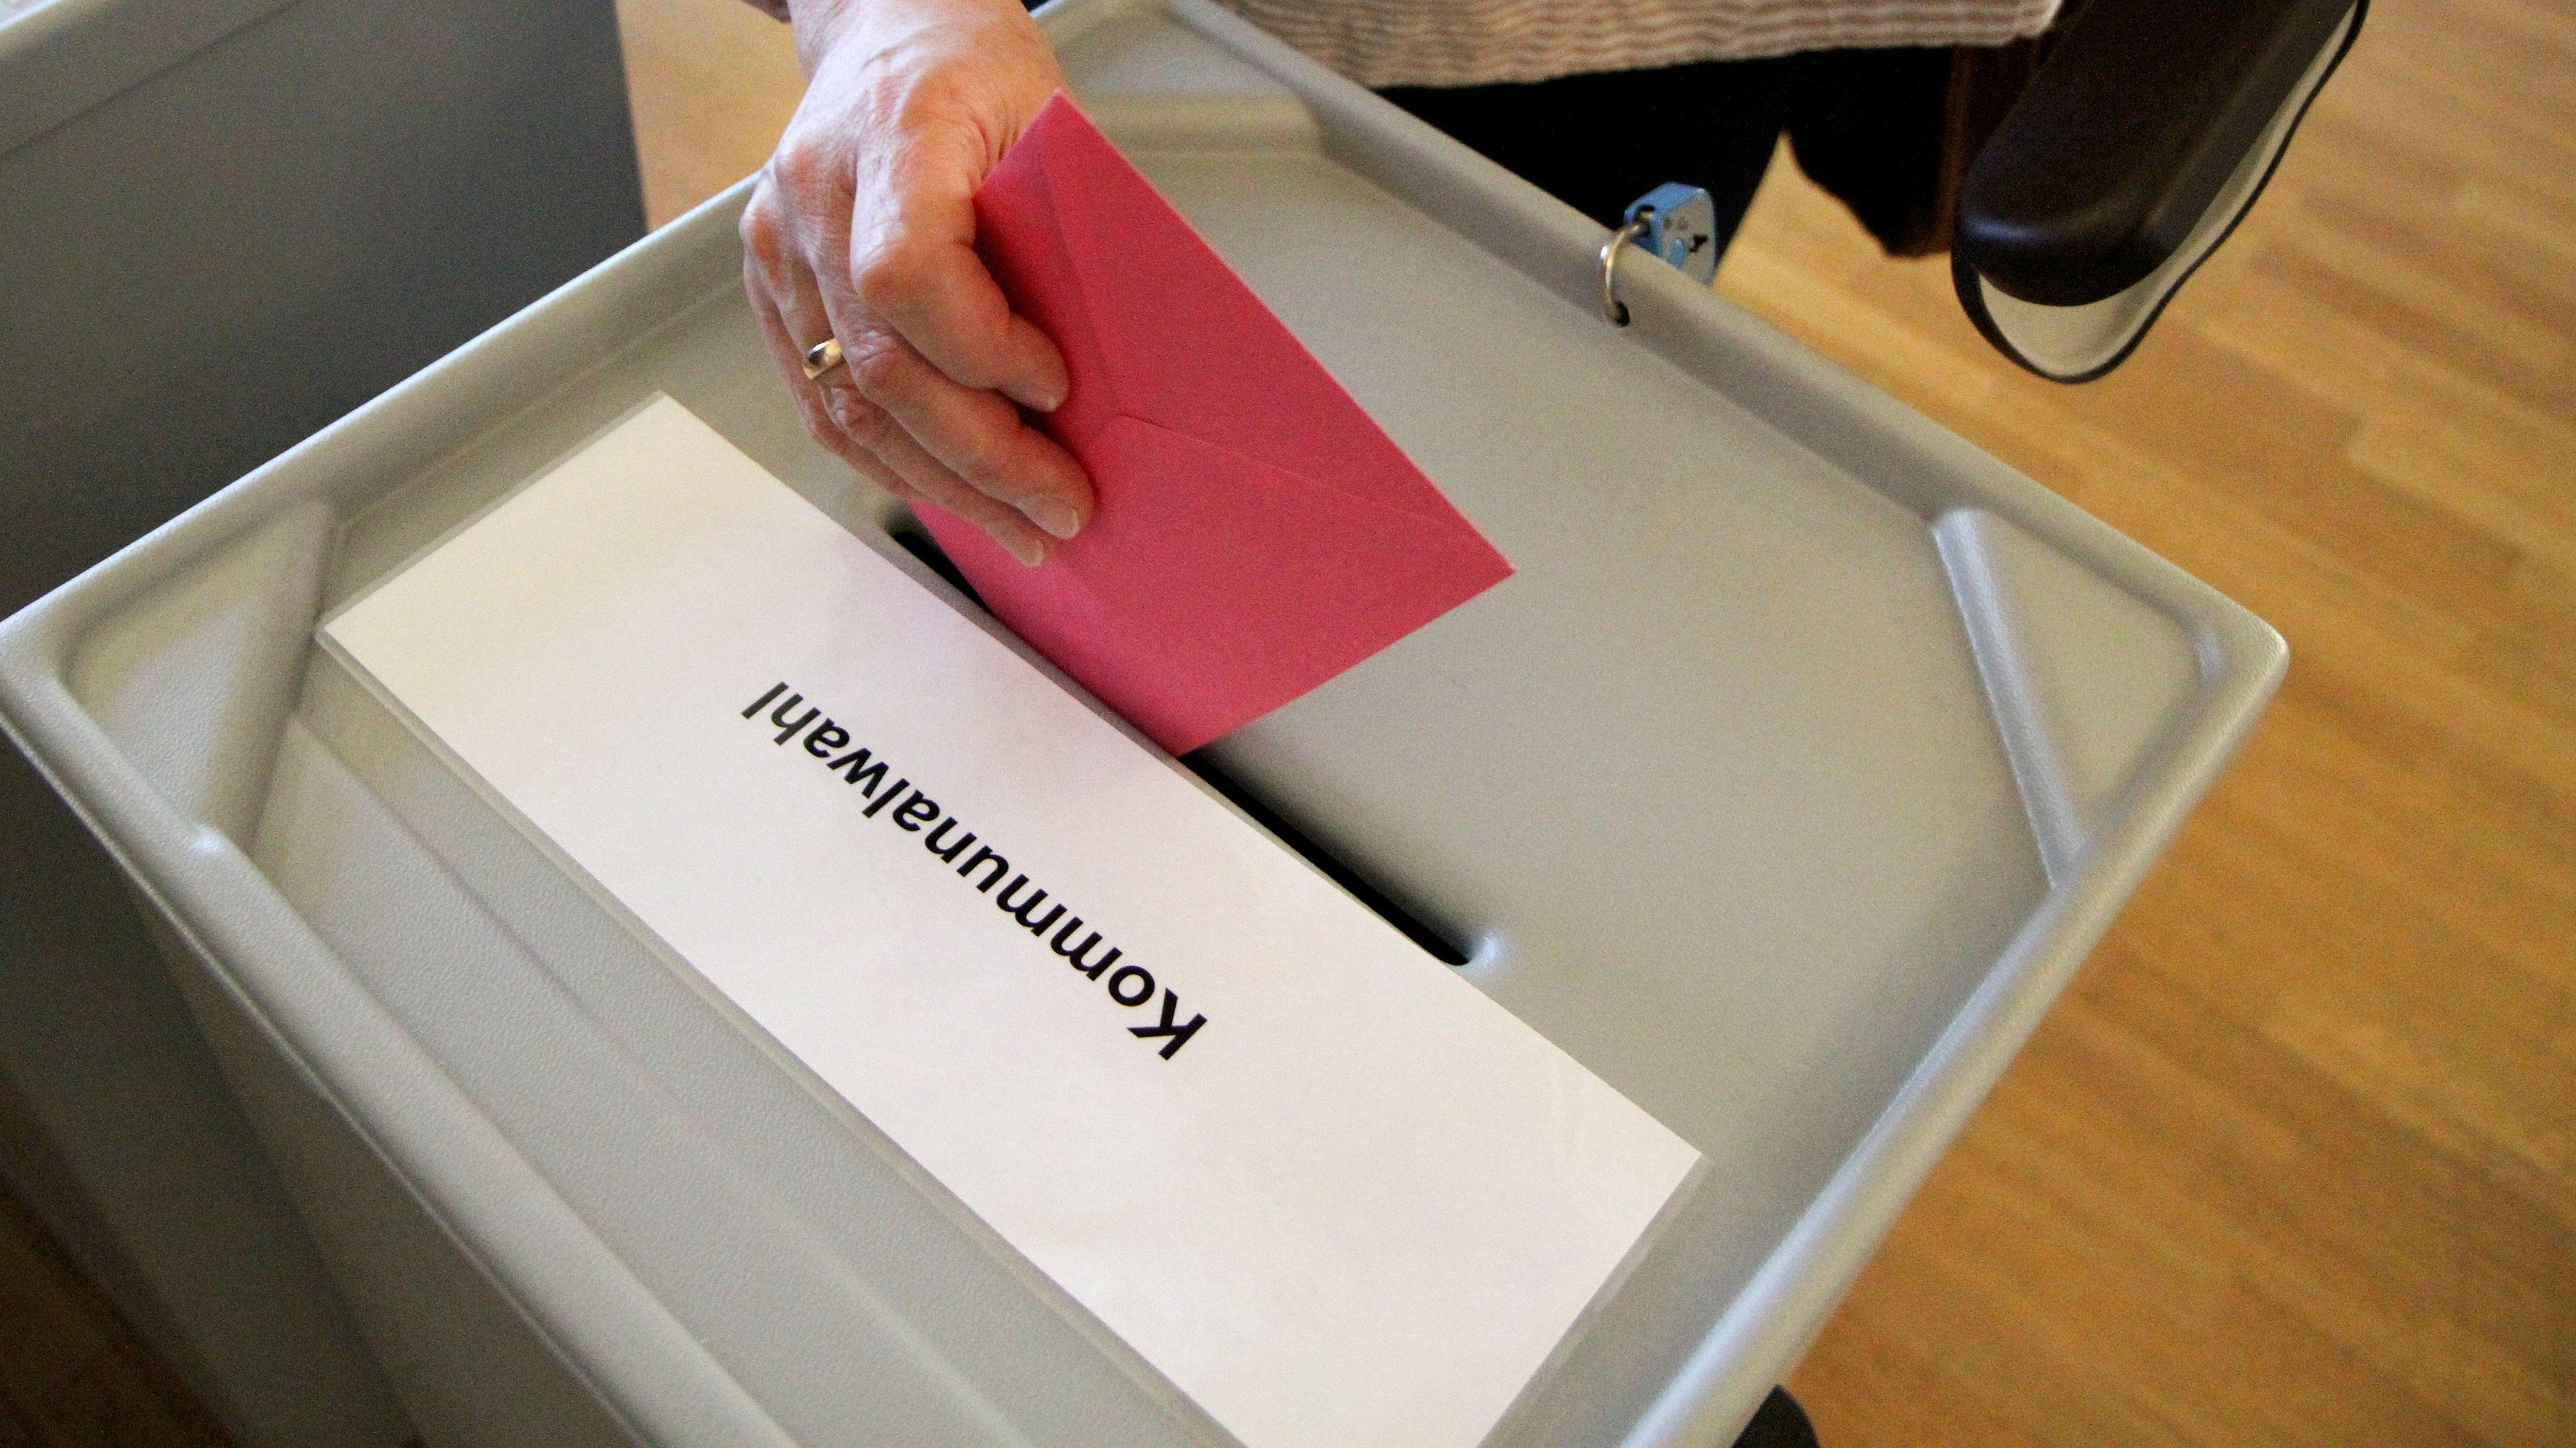 Wahlzettel wird in Wahlurne geworfen